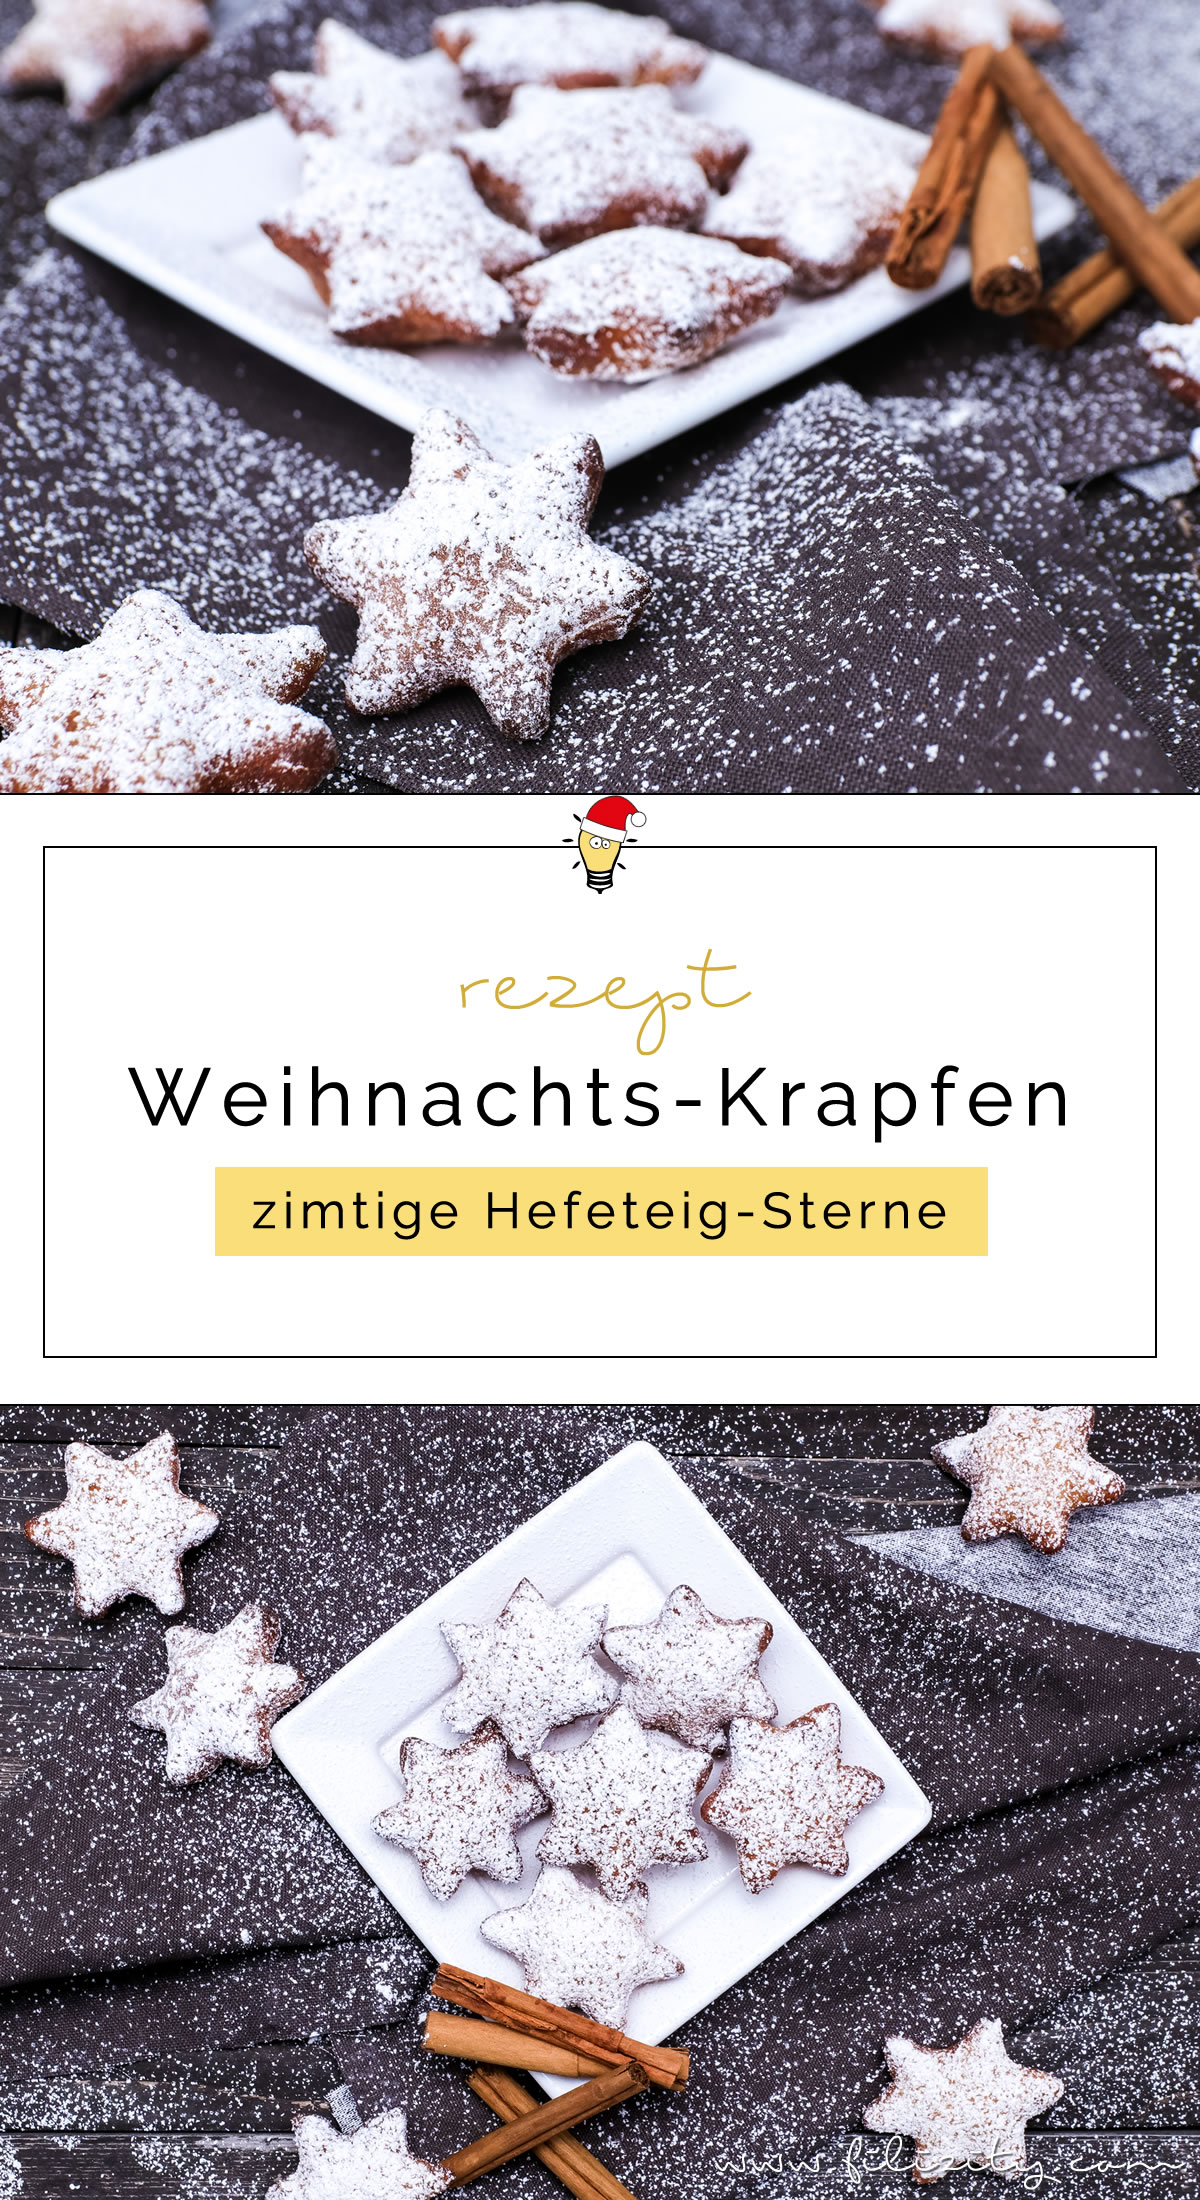 Rezept für Weihnachts-Krapfen – zimtige Hefeteig-Sterne - Weihnachts- und Karnevalsgebäck in einem | Filizity.com | Food-Blog aus dem Rheinland #karneval #krapfen #weihnachten